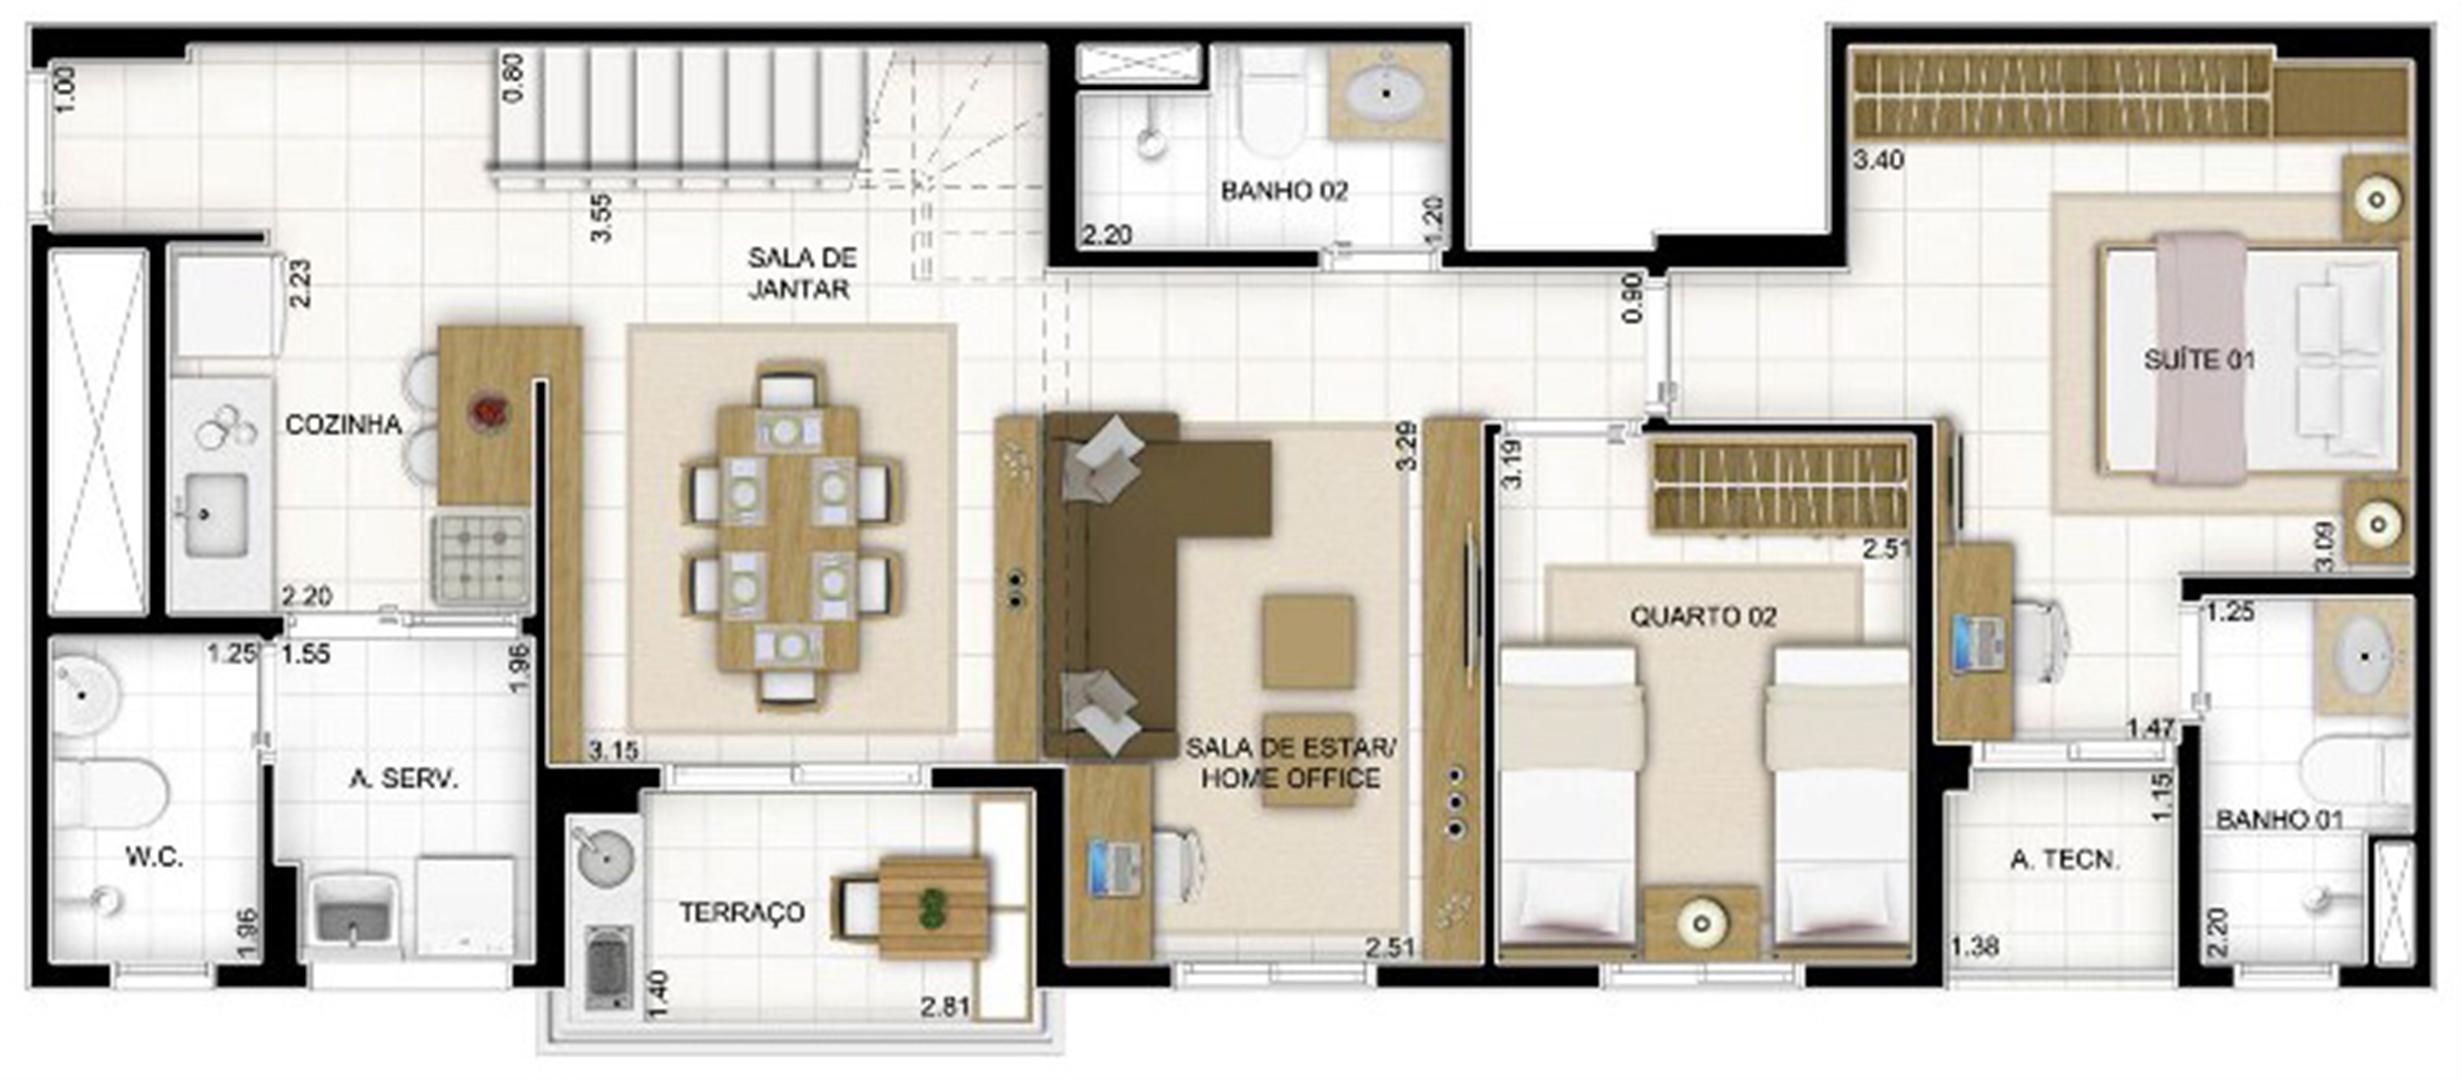 Duplex Andar Inferior 2 quartos Sala Ampliada 159 m² | Quartier Lagoa Nova – Apartamento na  Lagoa Nova - Natal - Rio Grande do Norte